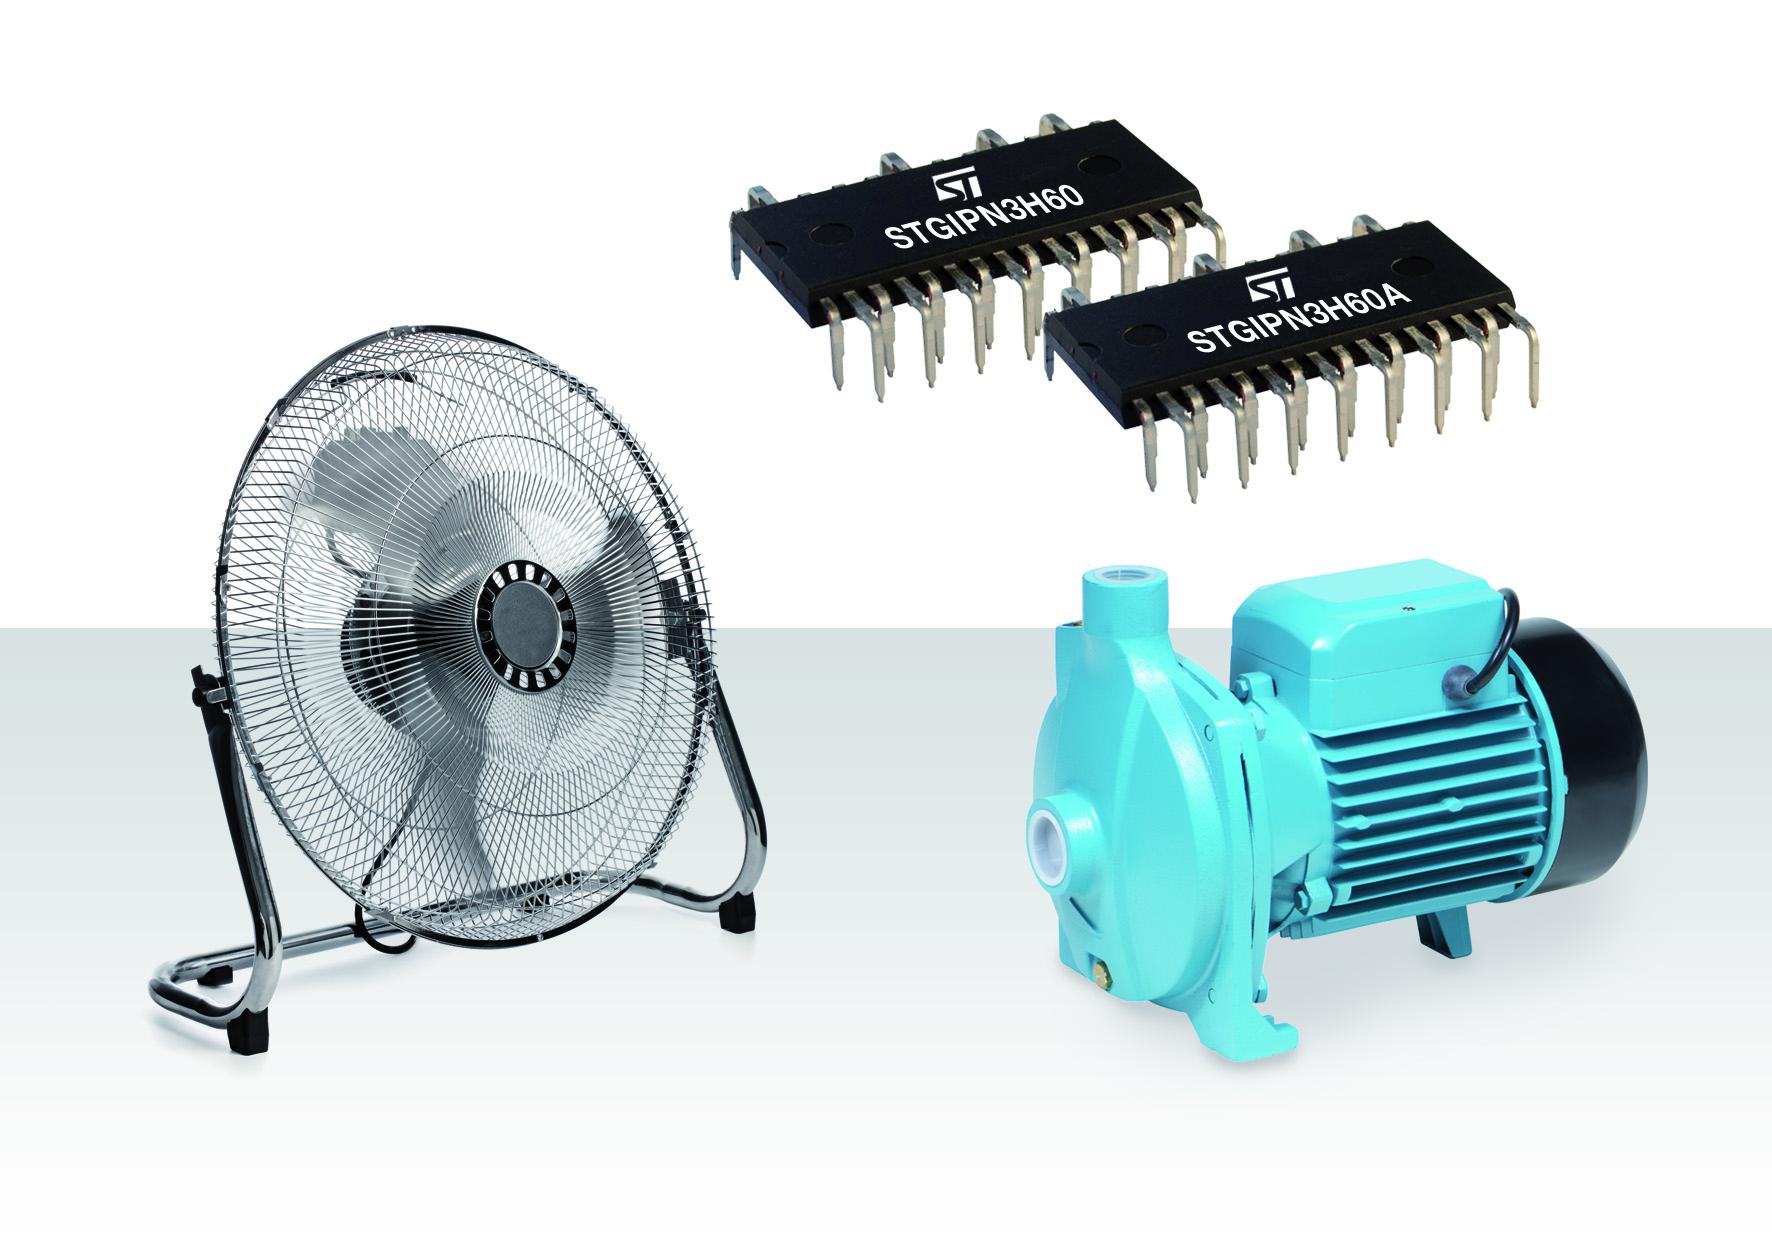 意法半导体(ST)推出微型电机驱动模块,简化高能效电器设计